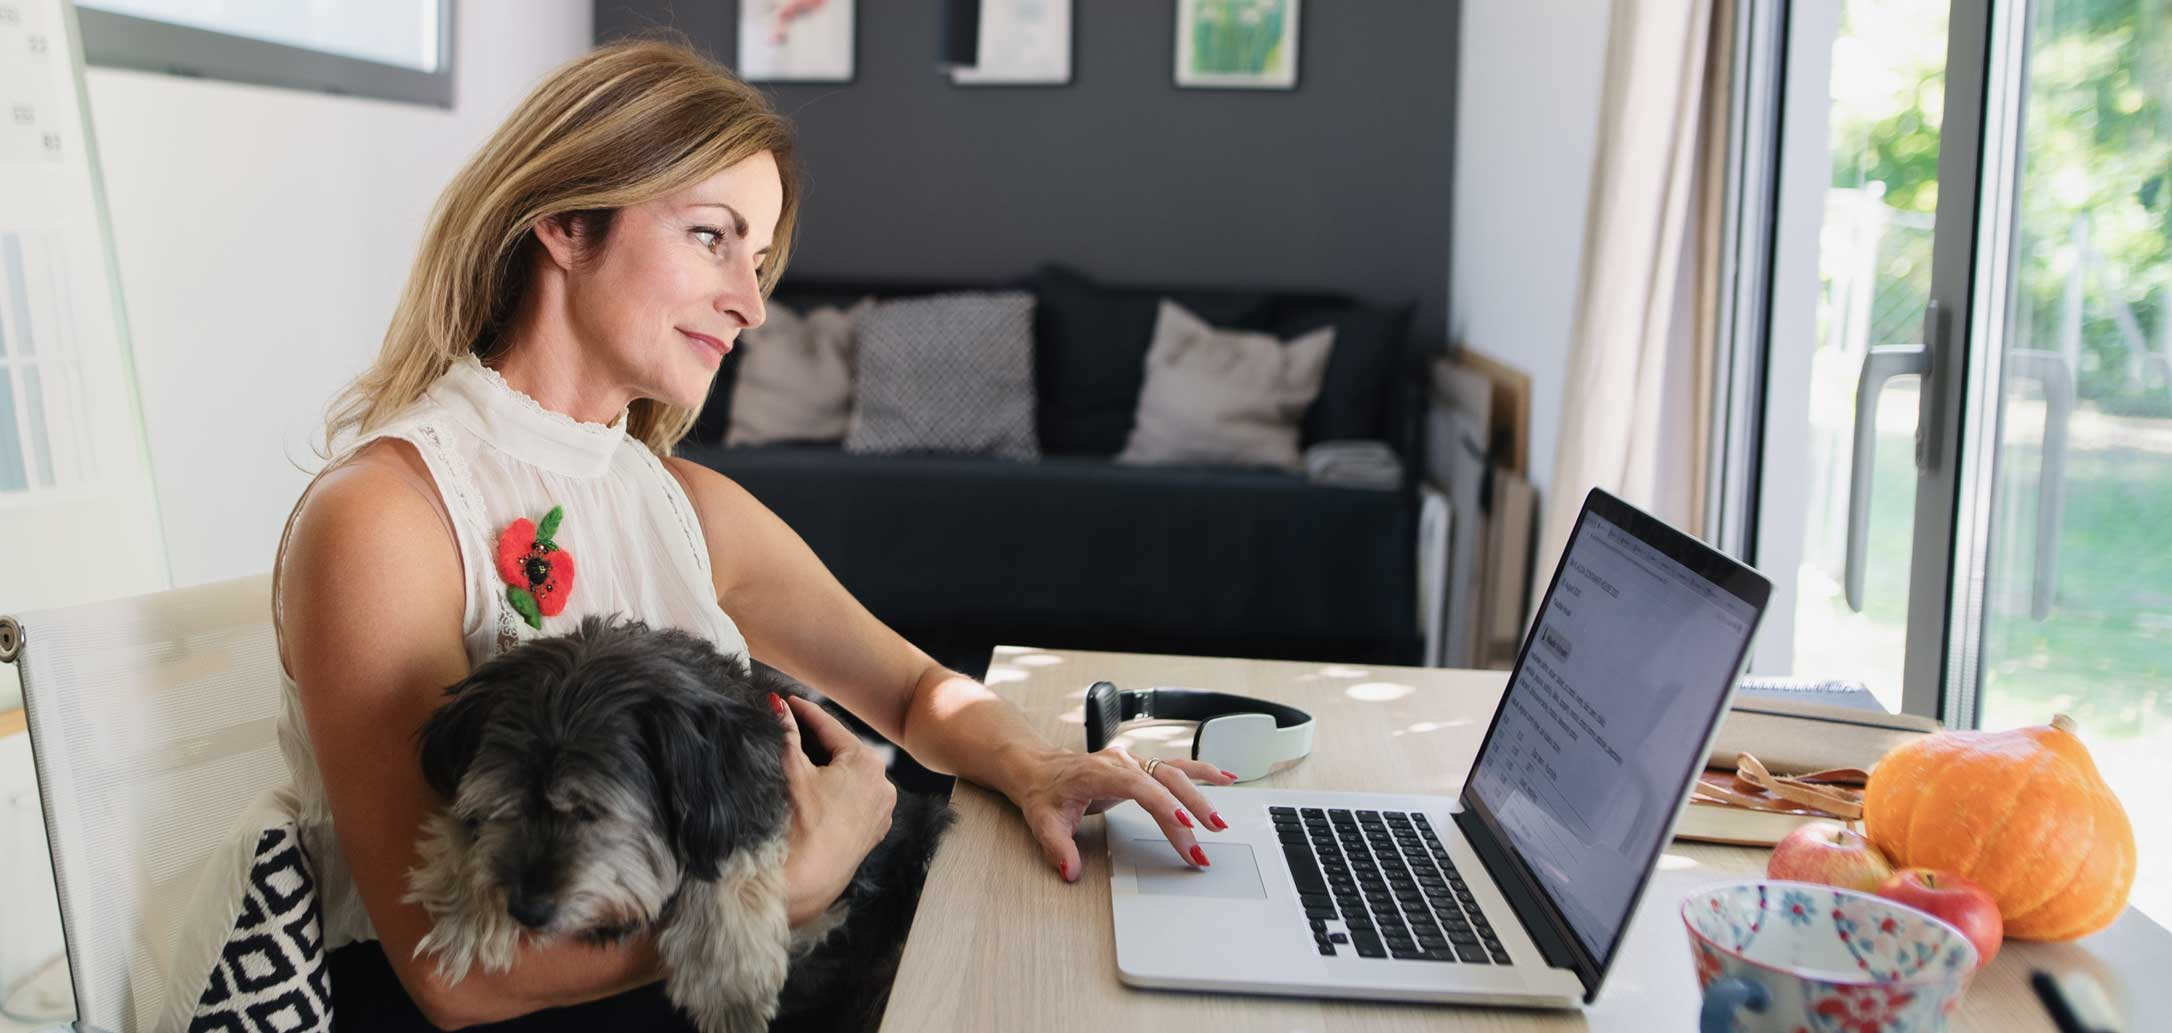 Femme assise à son bureau avec un chien dans les bras en travaillant sur son ordinateur portable. Clinique vétérinaire Lachine